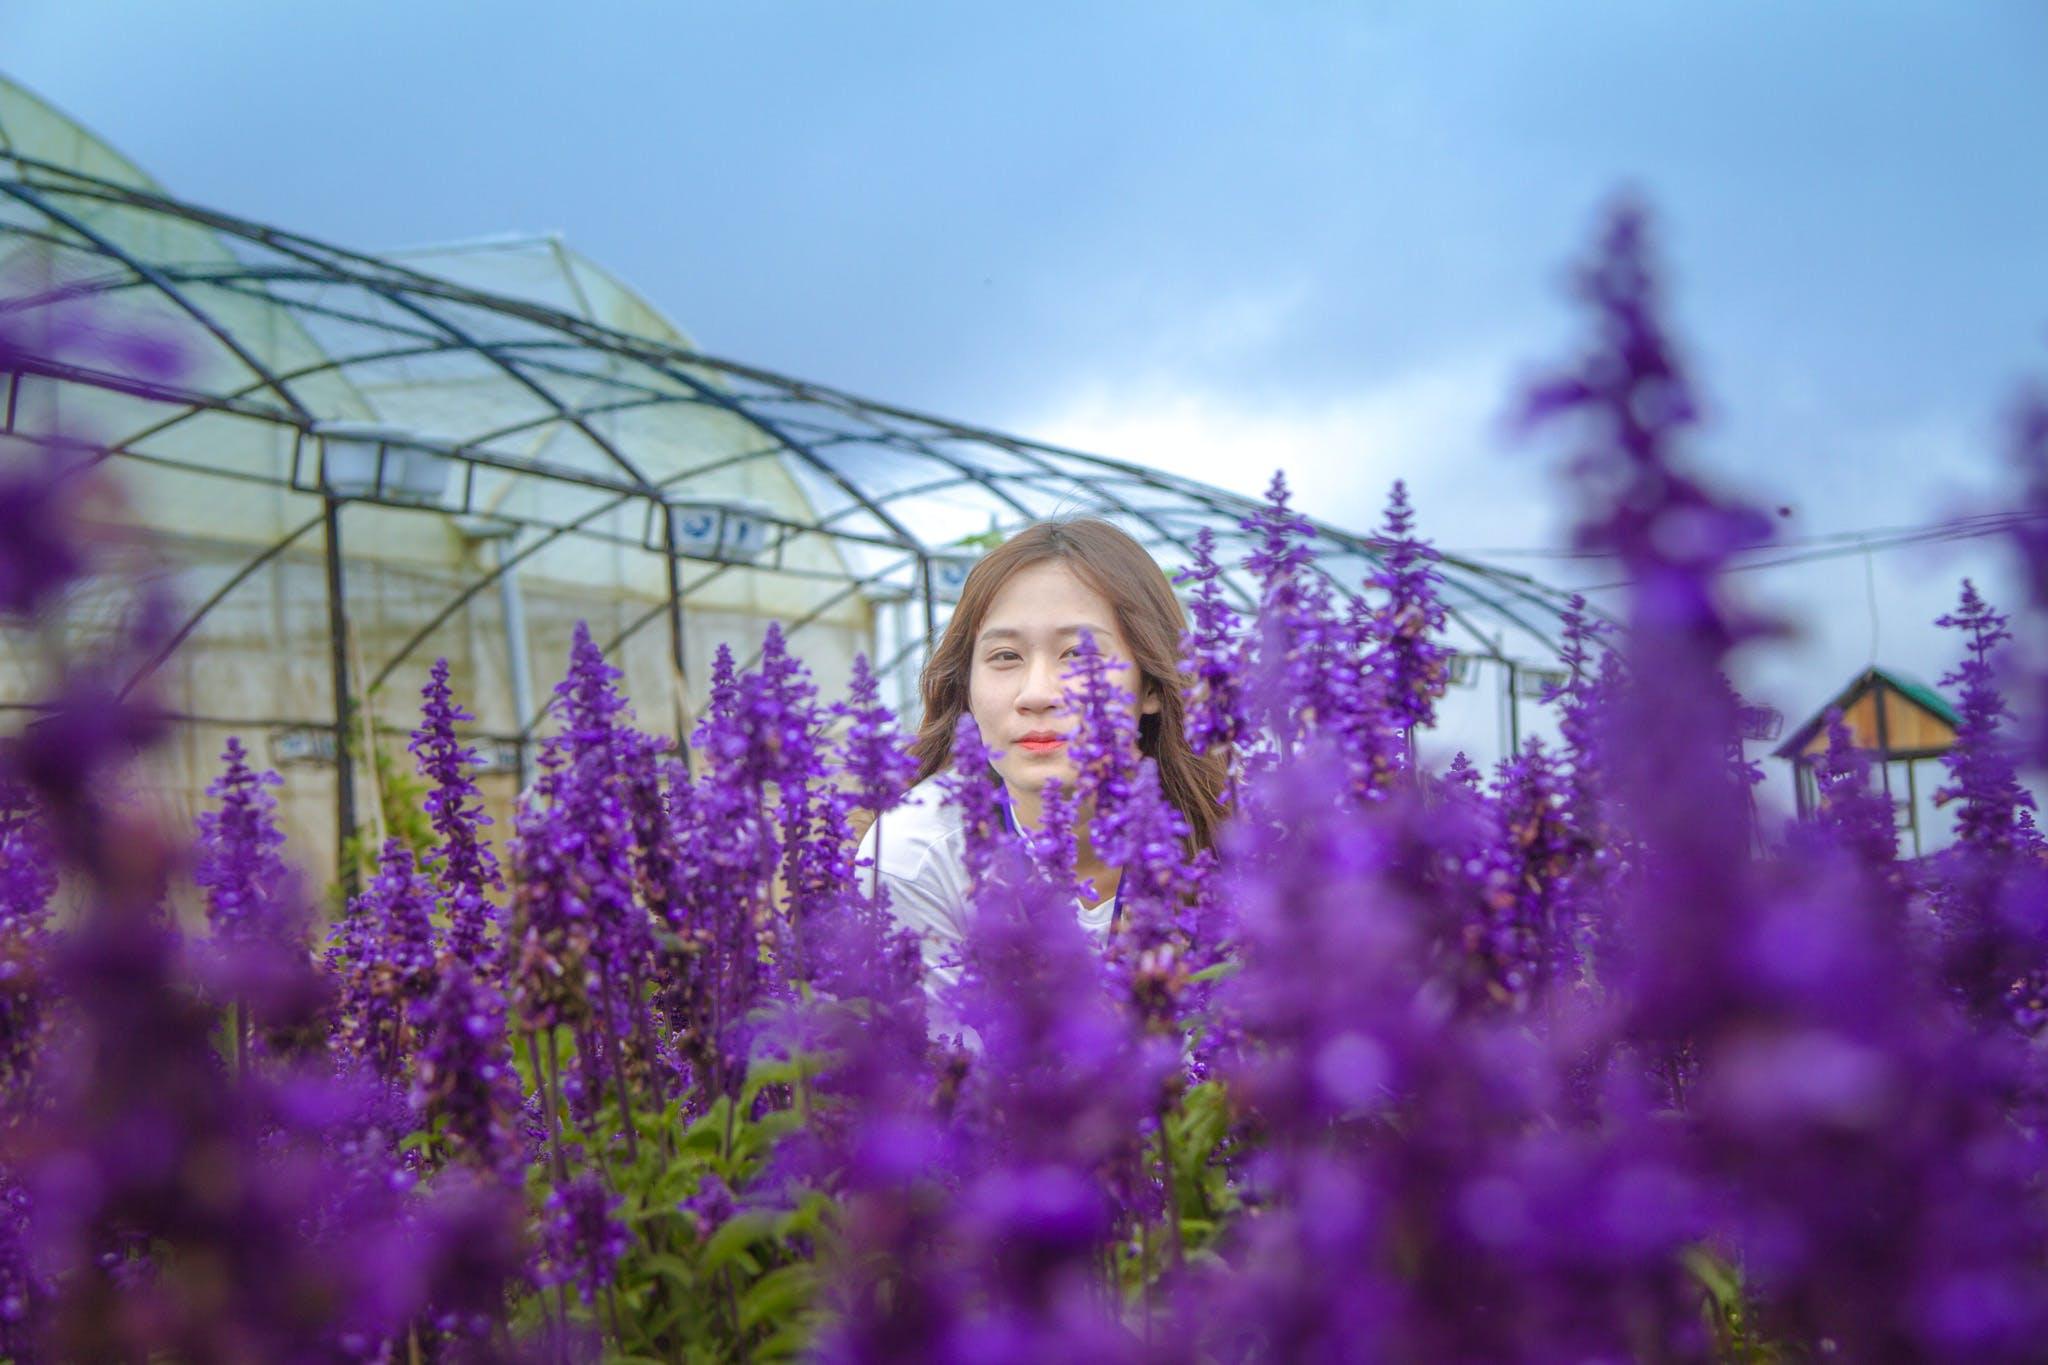 Woman Standing Behind Purple Petaled Flowers